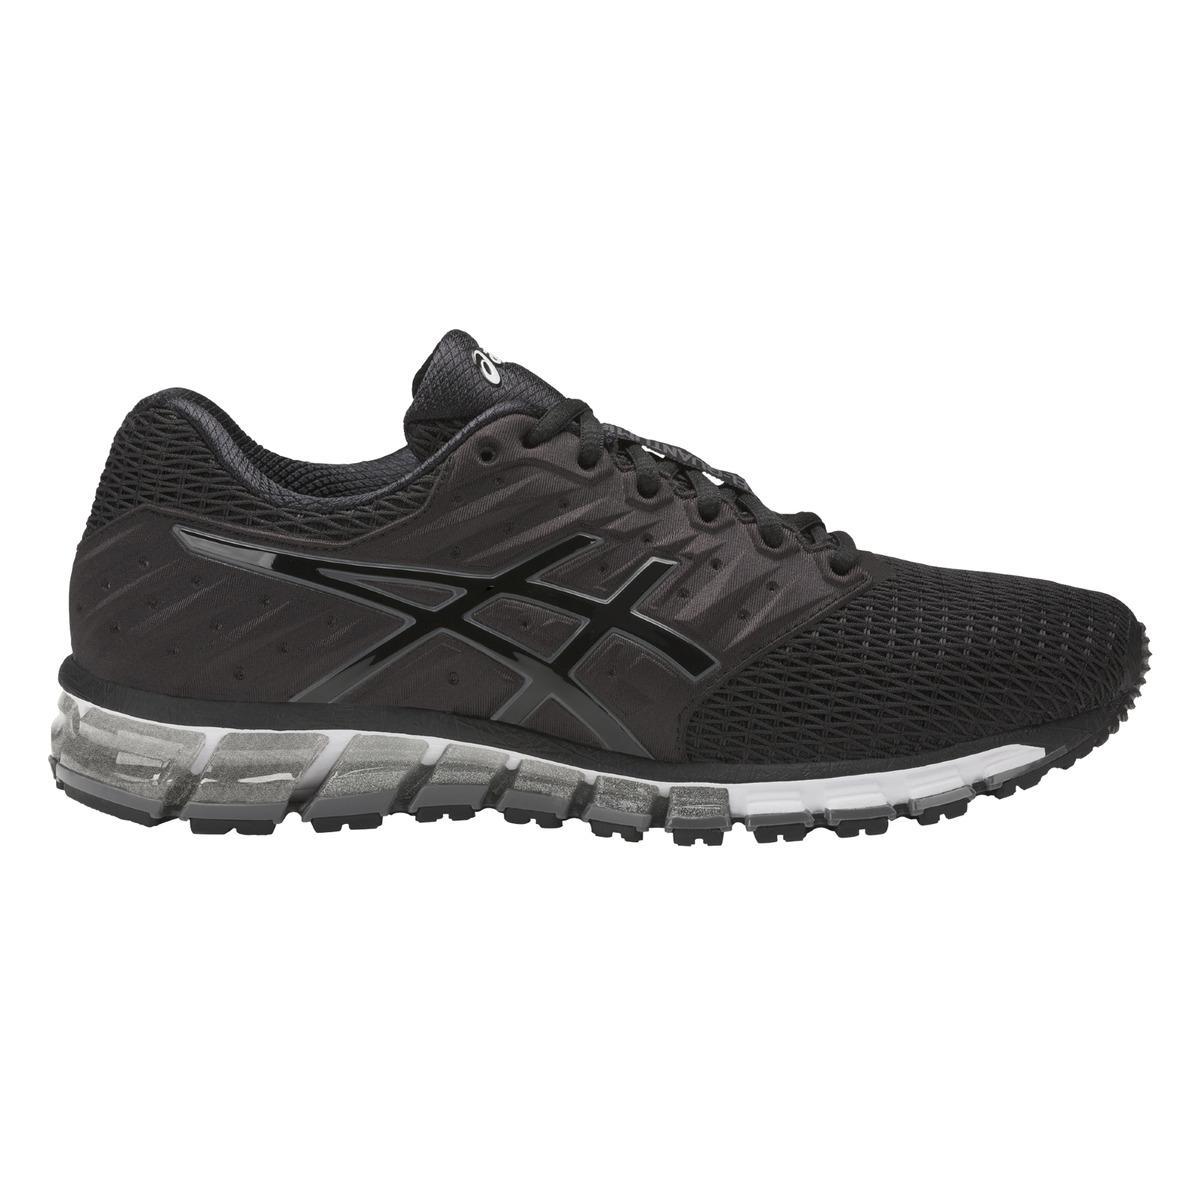 lyst asics gel quantum 180 2 running shoes in black for men. Black Bedroom Furniture Sets. Home Design Ideas